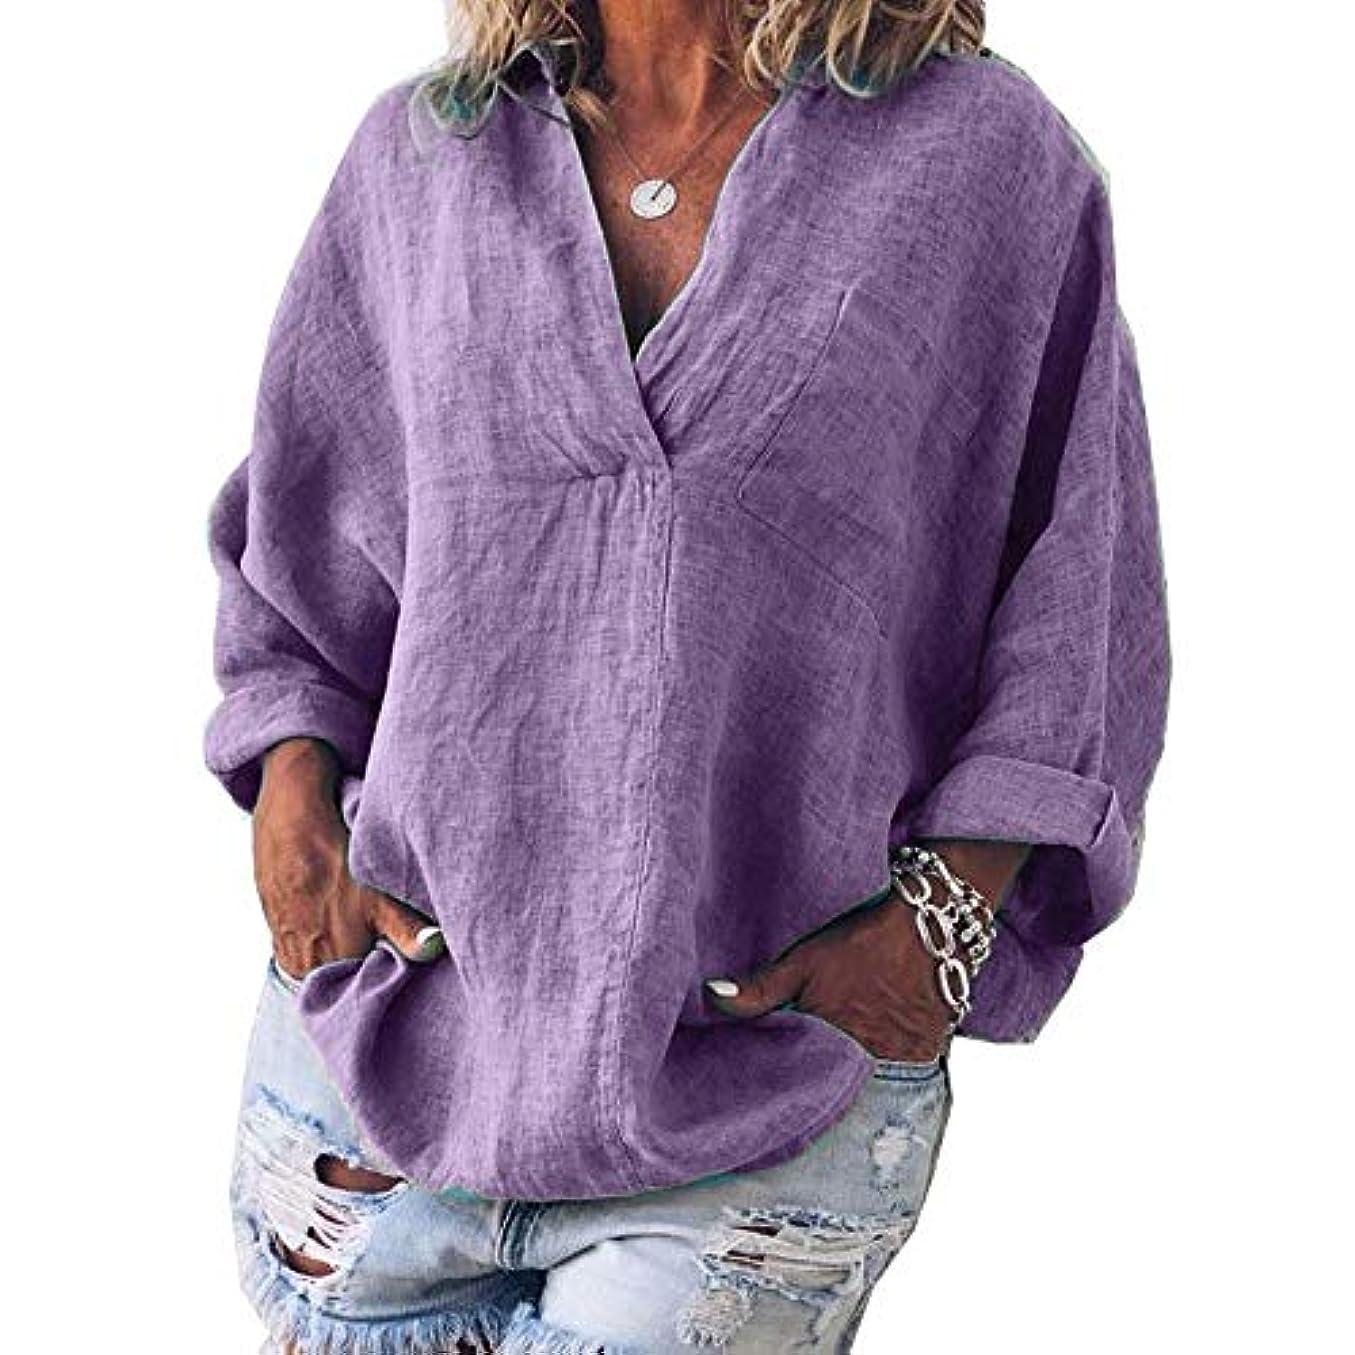 債権者心臓遡るMIFAN女性ファッション春夏チュニックトップス深いVネックTシャツ長袖プルオーバールーズリネンブラウス